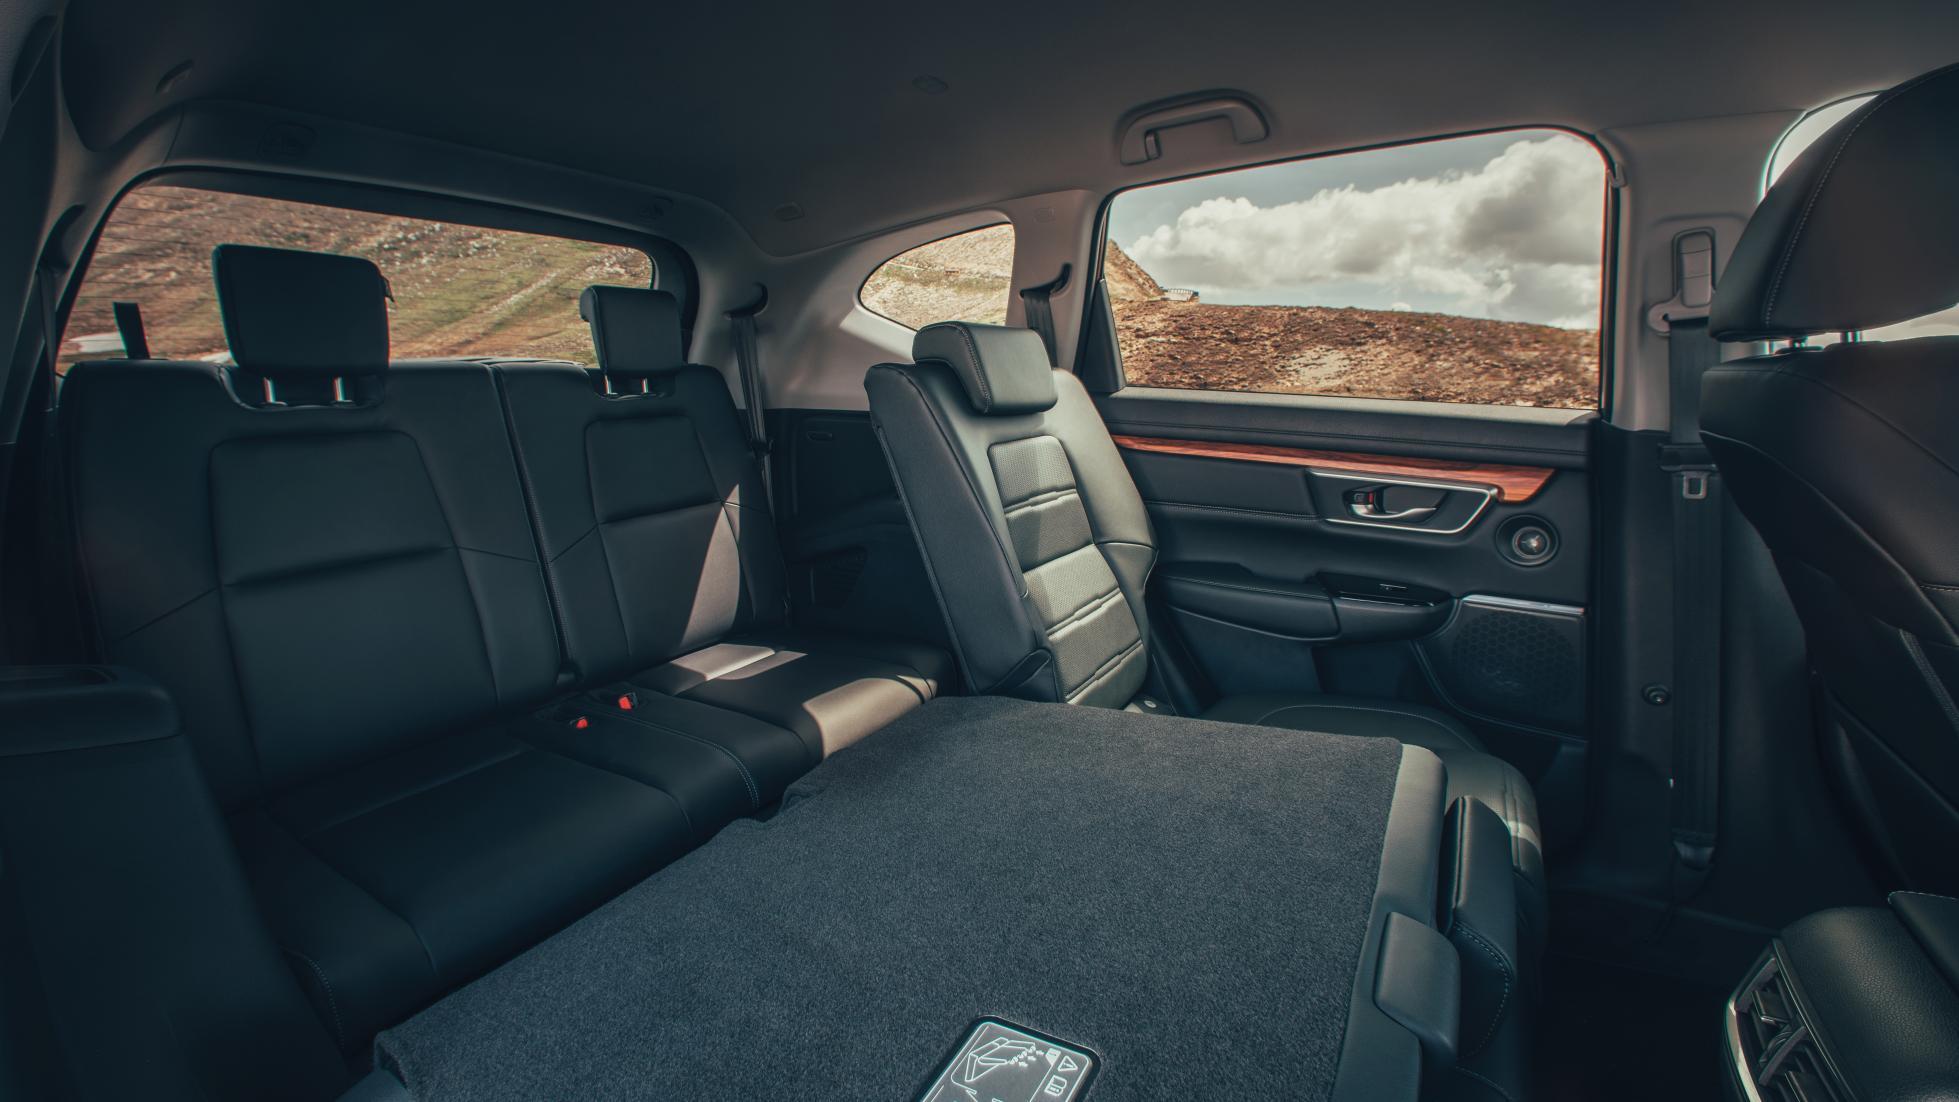 Honda CR-V 5 interior